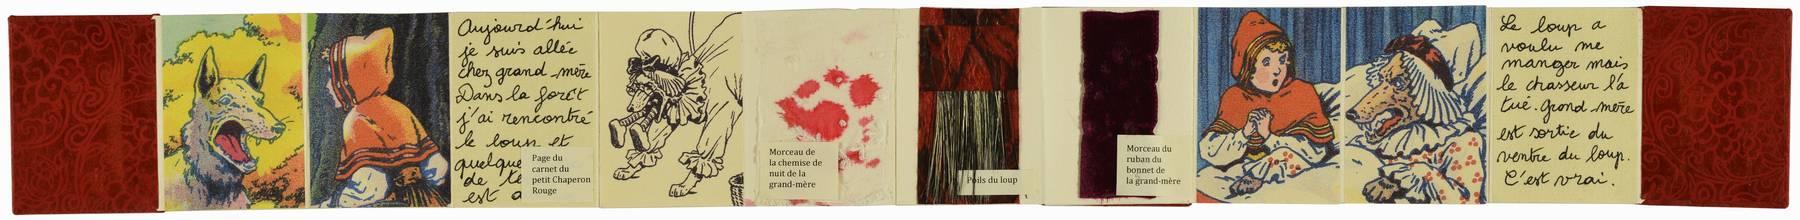 Contenu du Livre d'artiste - Souvenir du Petit Chaperon rouge